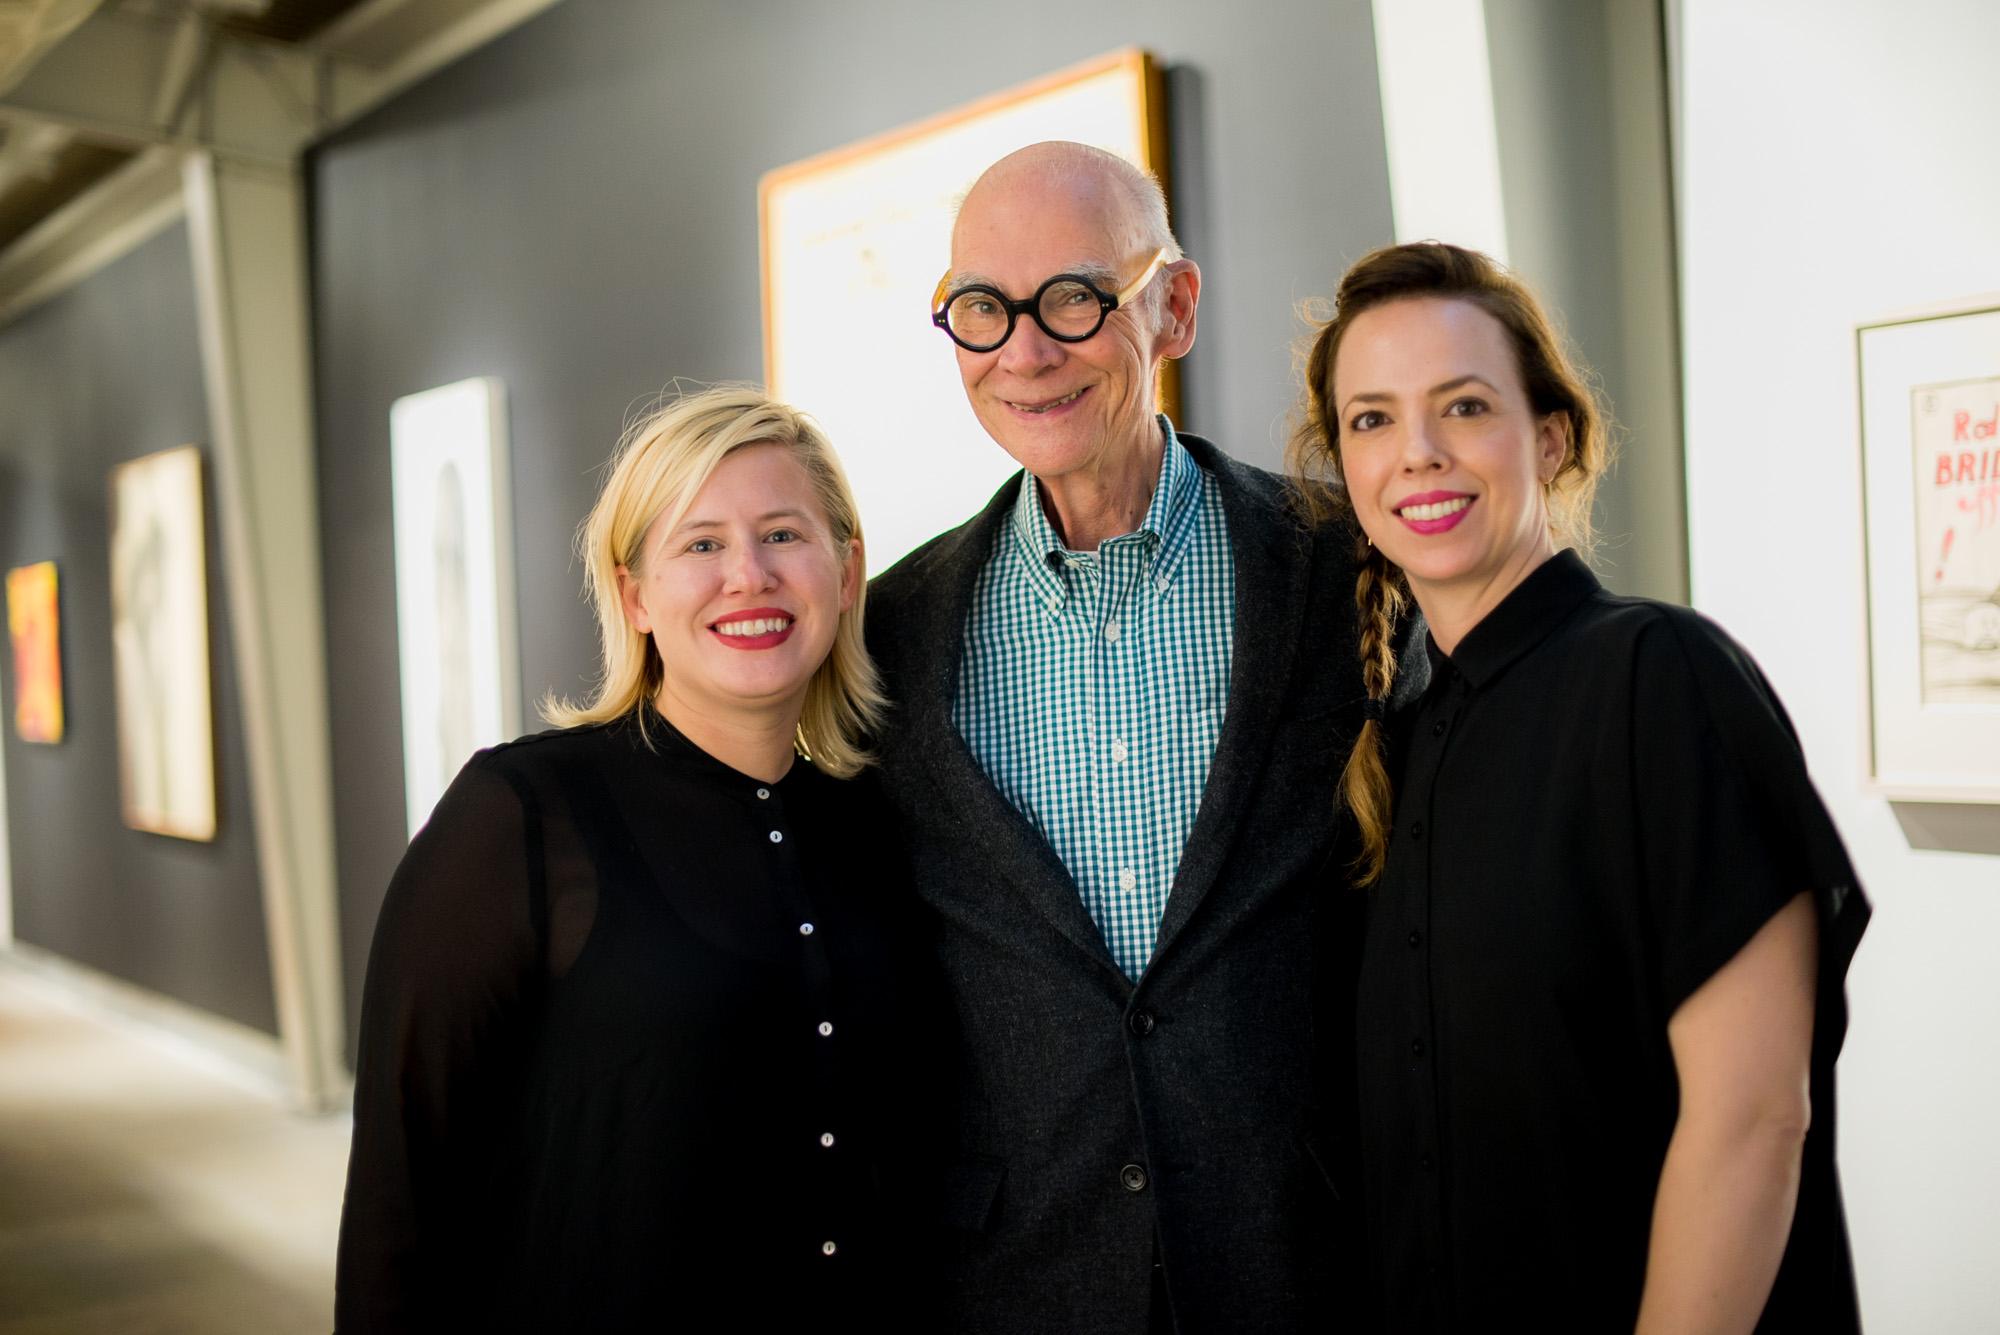 Kara Q. Smith, Robert Sain and Amy Owen